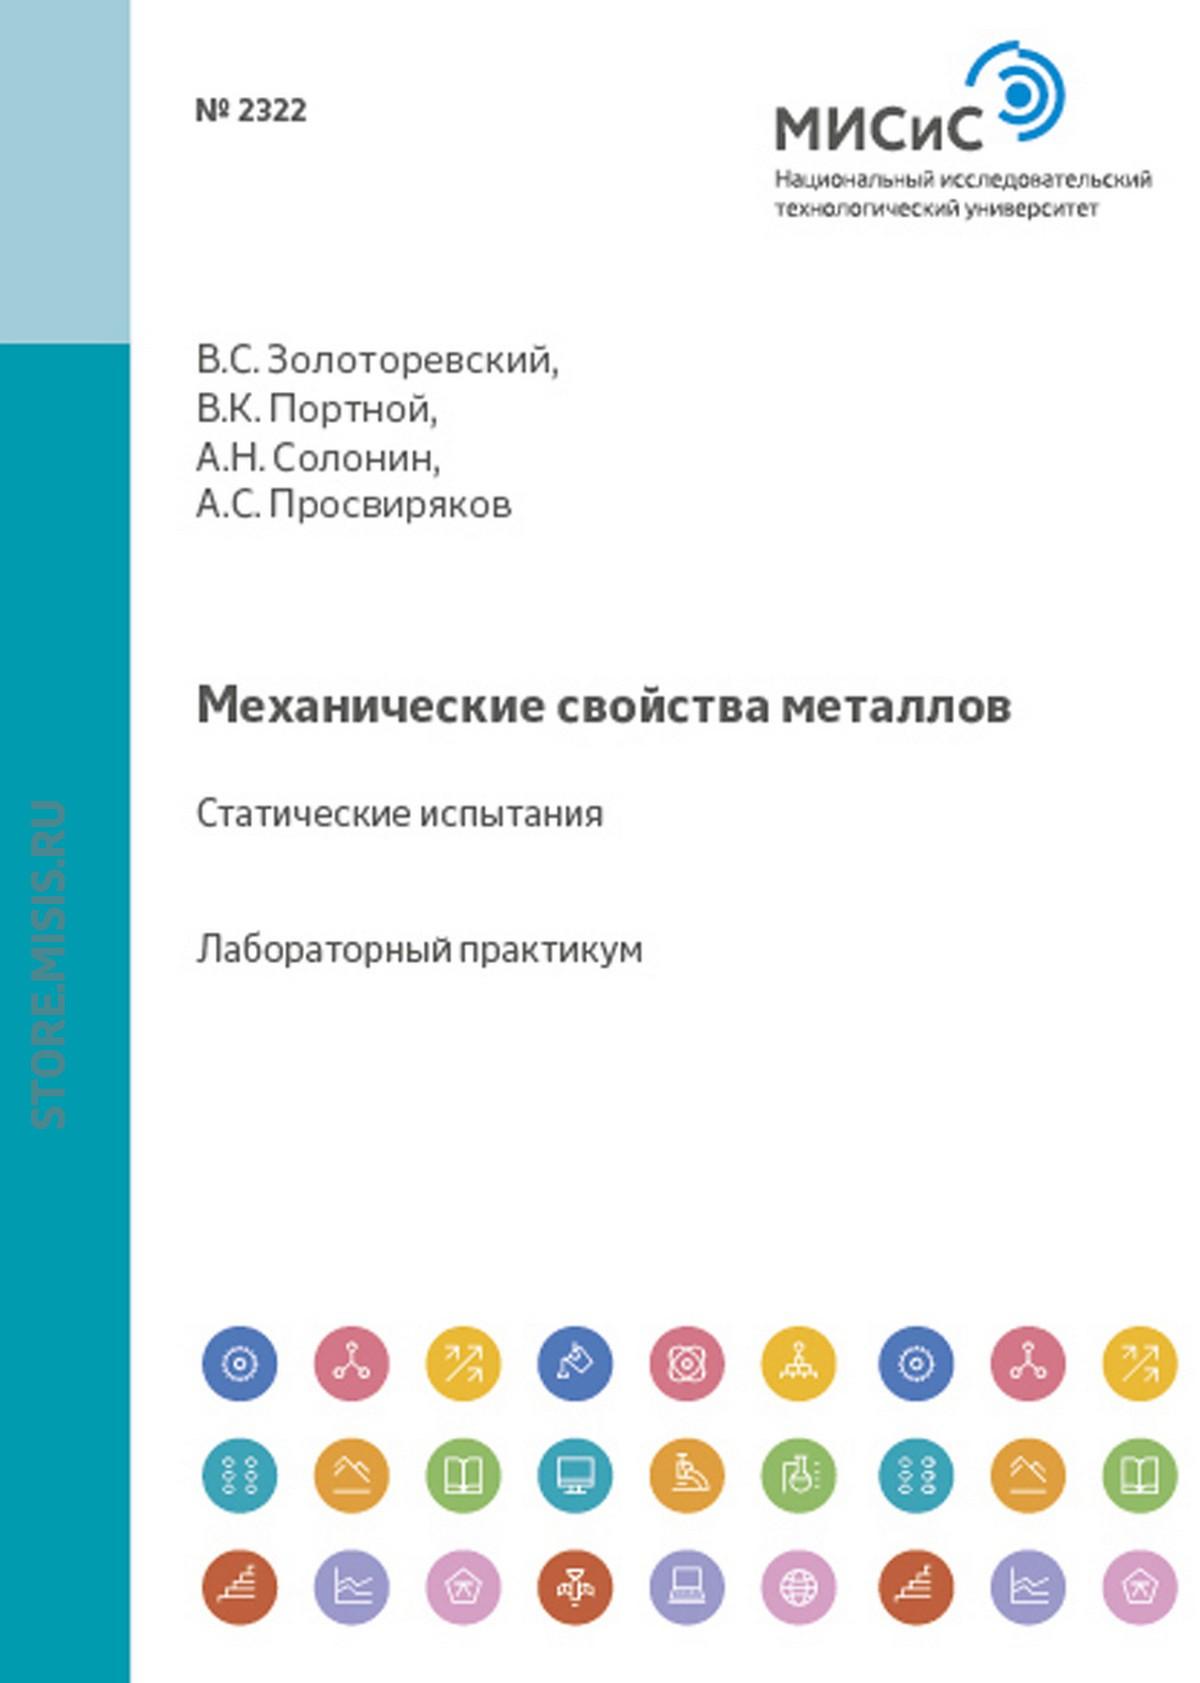 Владимир Портной Механические свойства металлов. Статические испытания